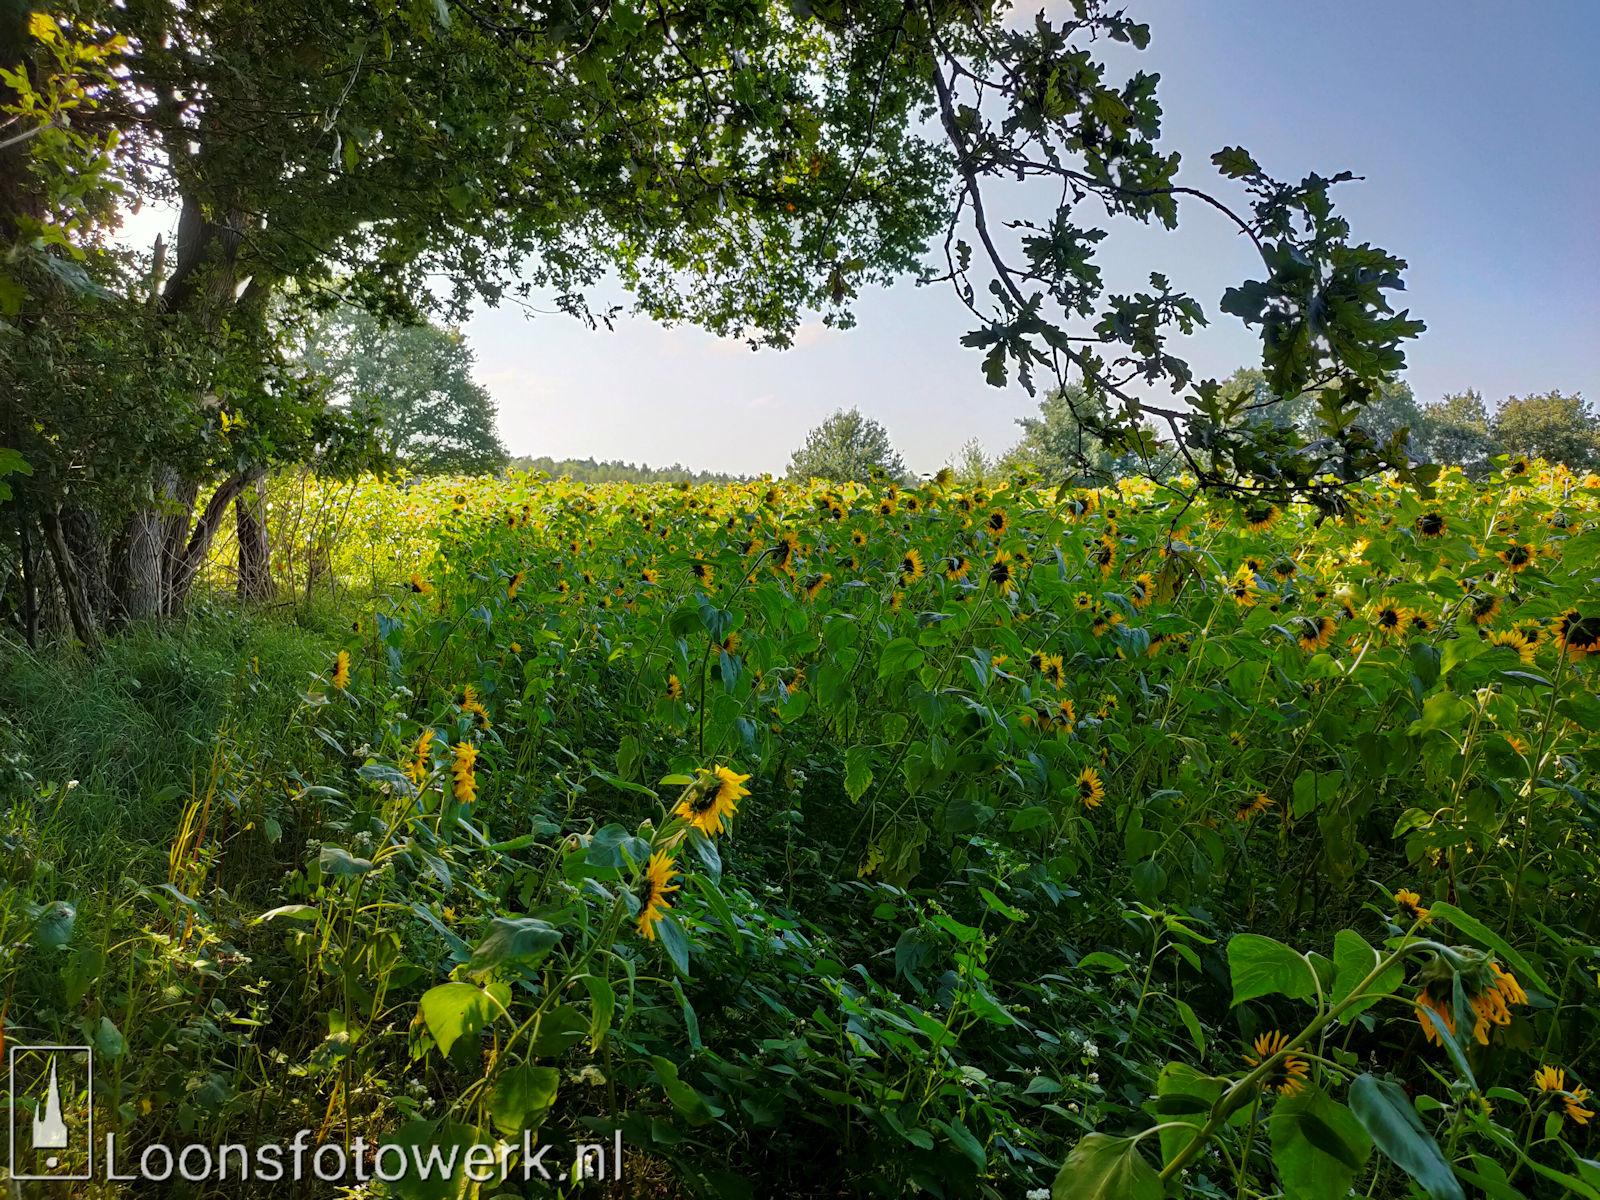 Zonnebloemen Duiksehoef 17